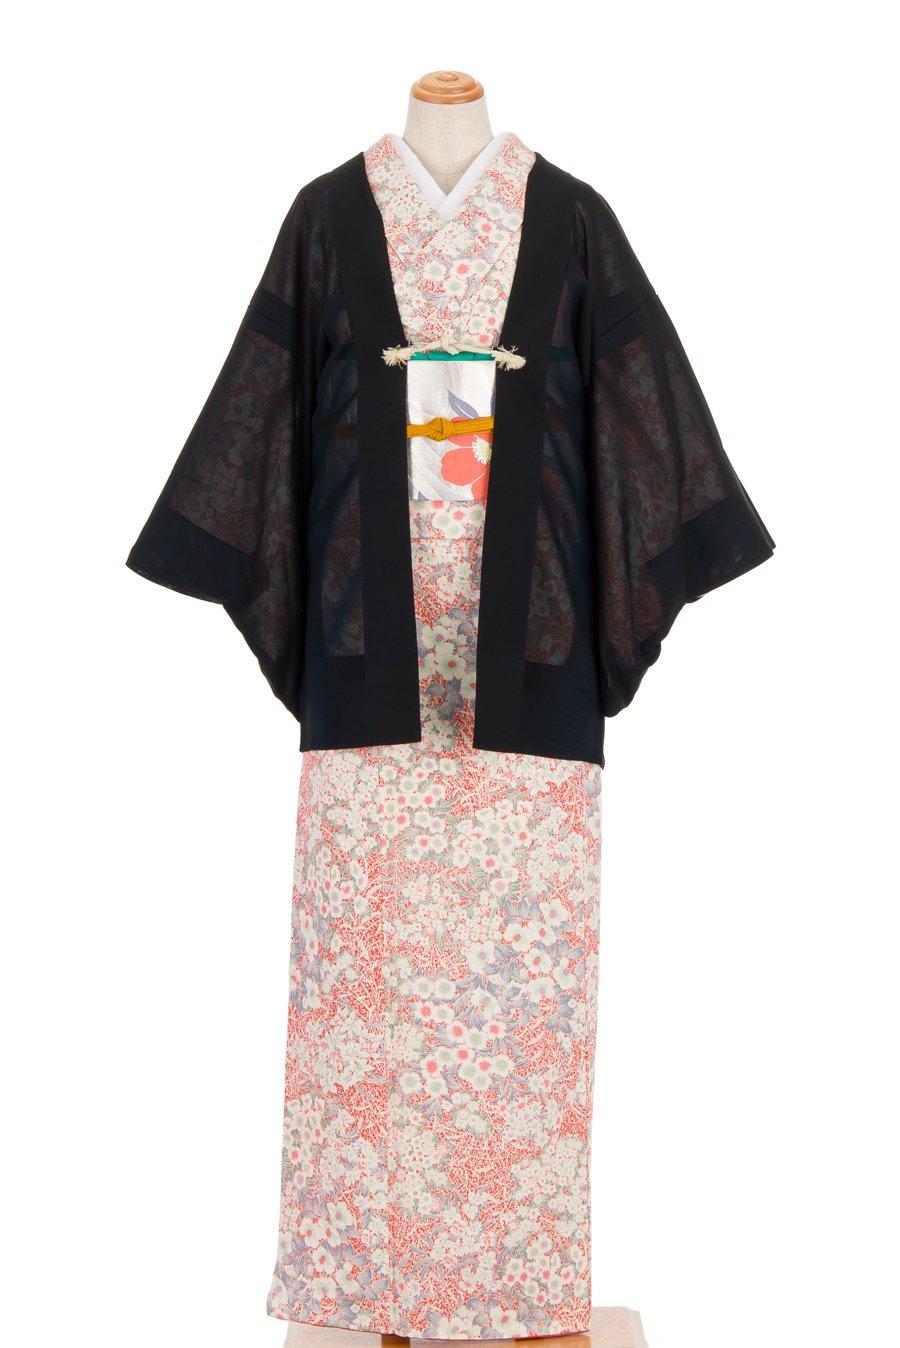 「紗 絵羽織 ヒトデみたいな花」の商品画像